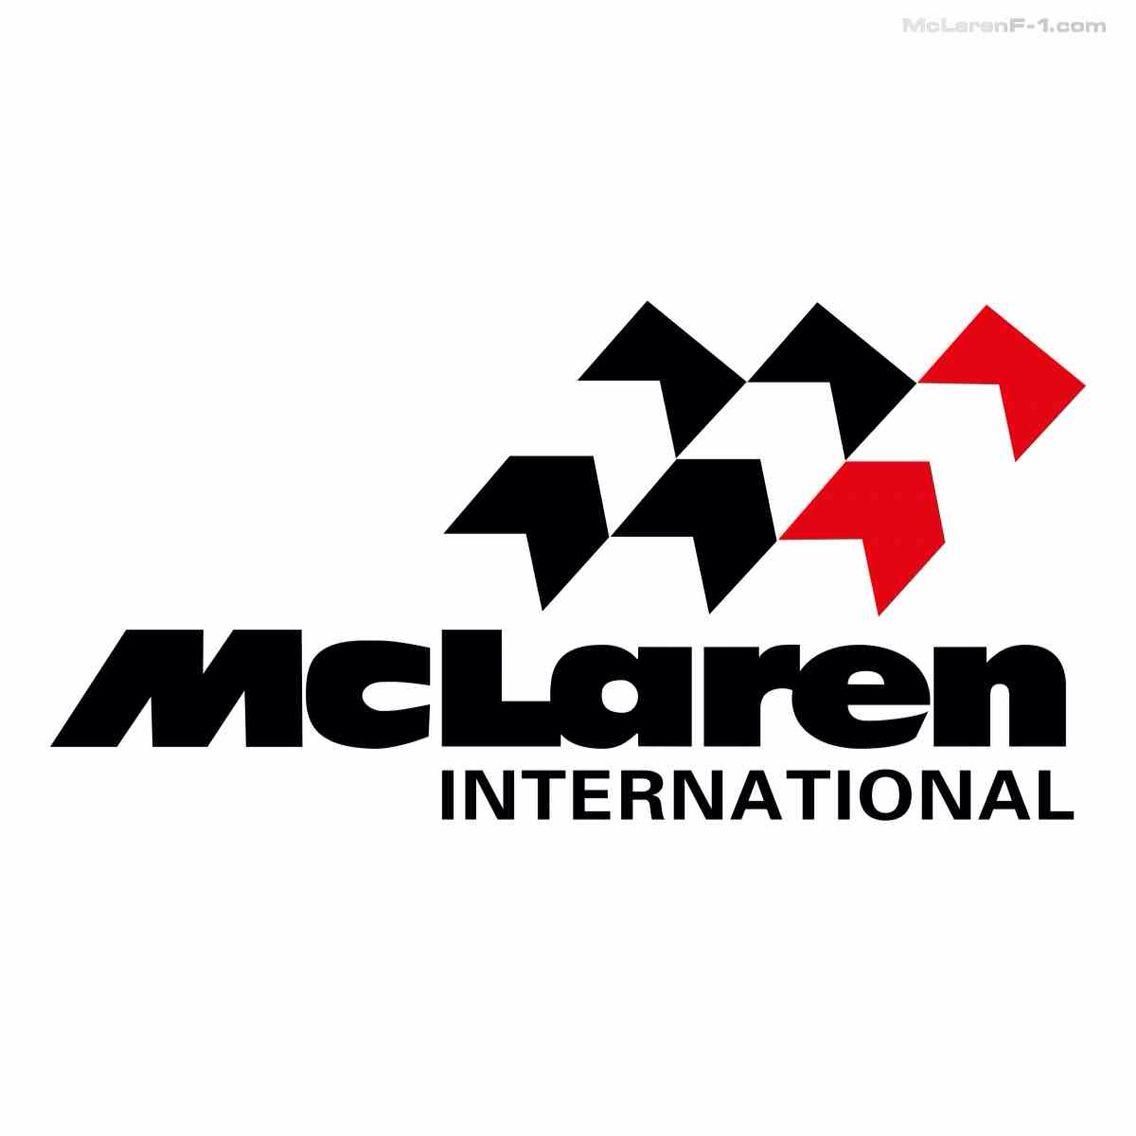 mclaren formula 1 logo. mclaren international mclaren formula 1 logo